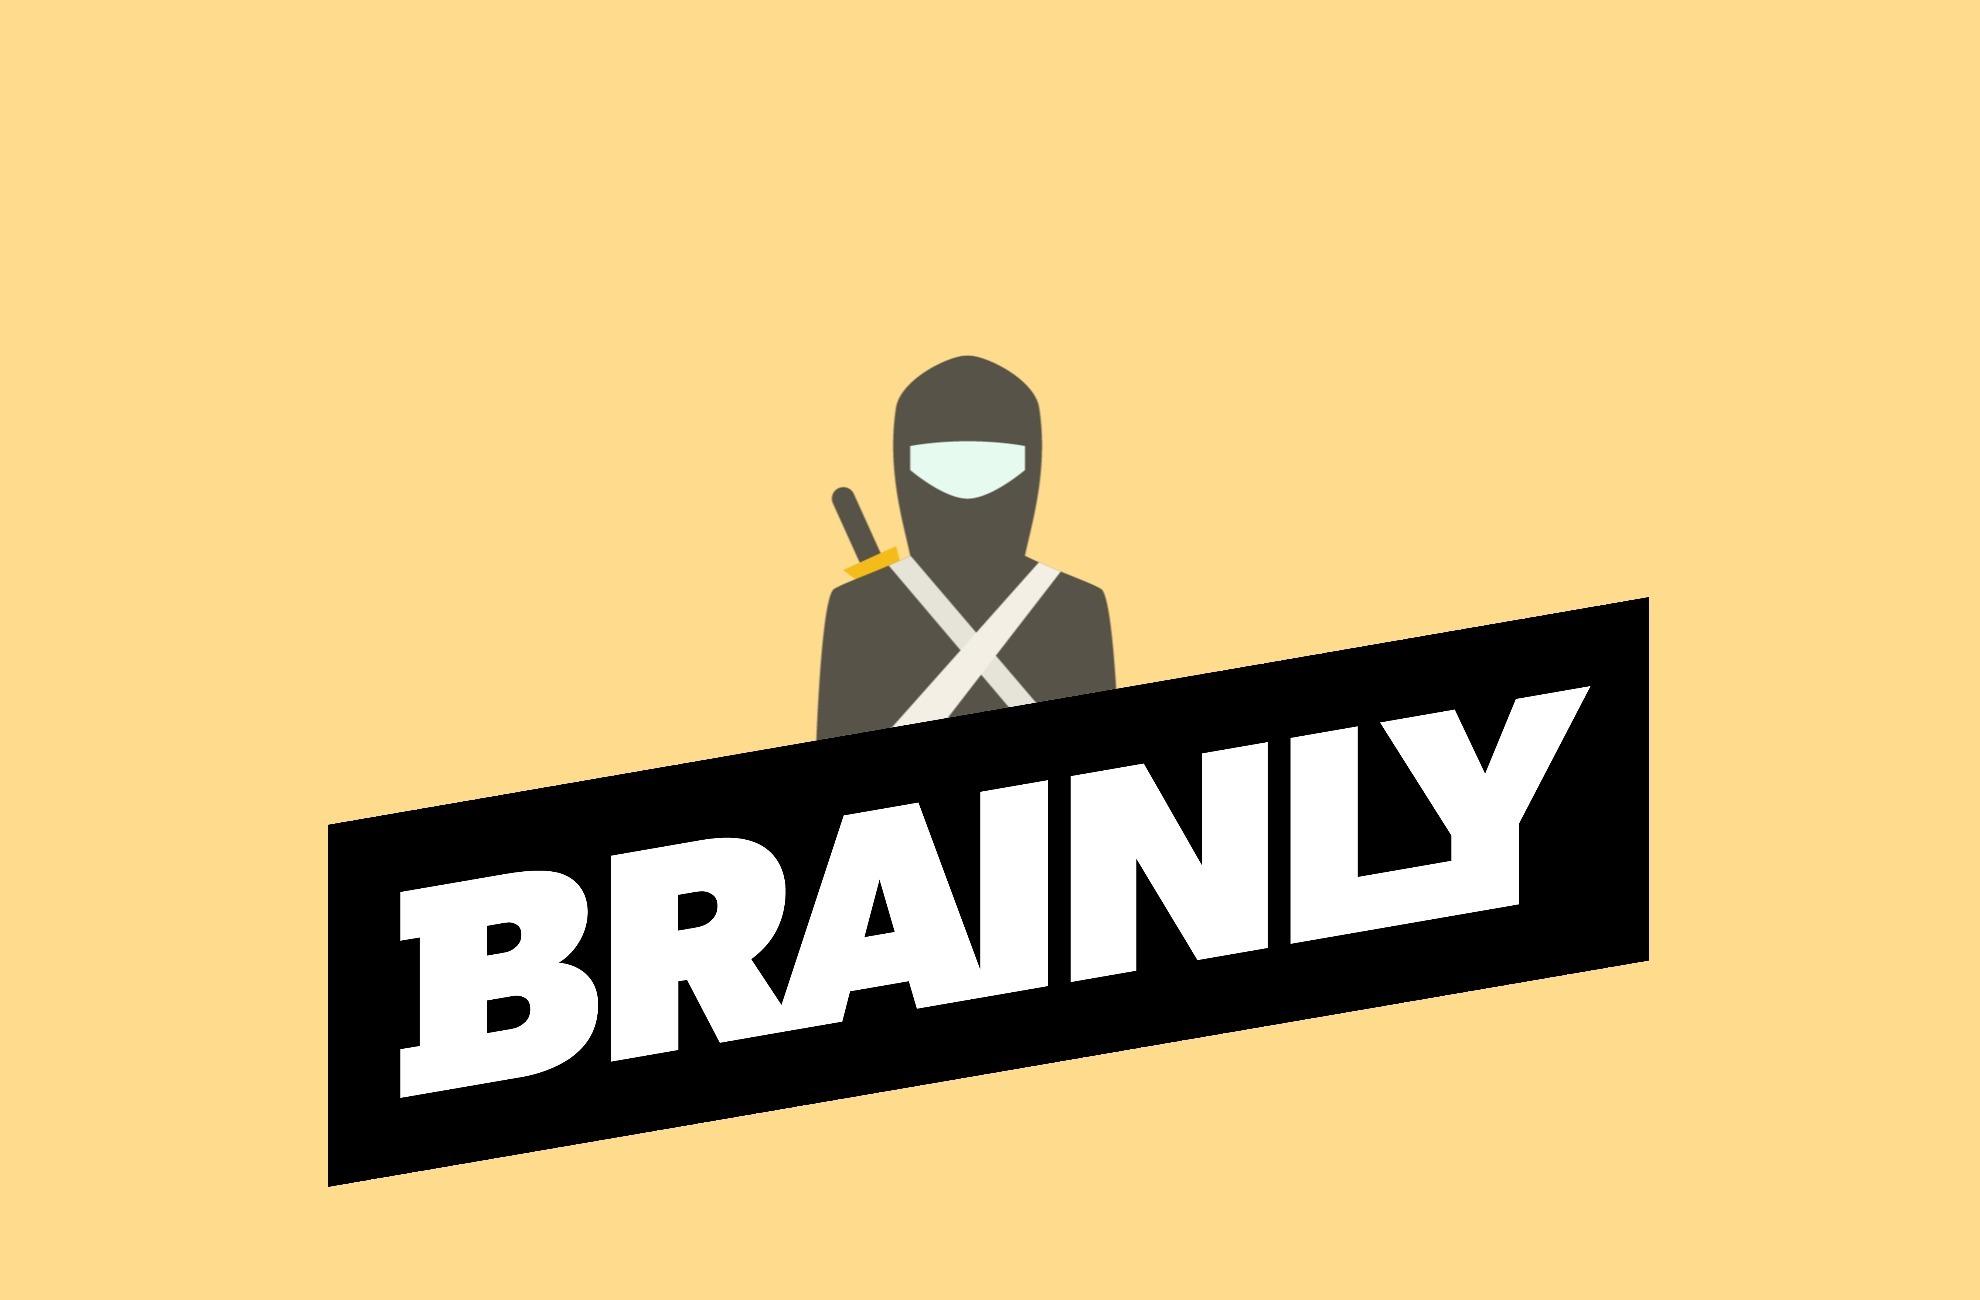 Buatlah 7 Pantun Dengan Tema Mengajak Teman Temanmu Untuk Berbuat Jujur Dan Disiplin Tolong Brainly Co Id